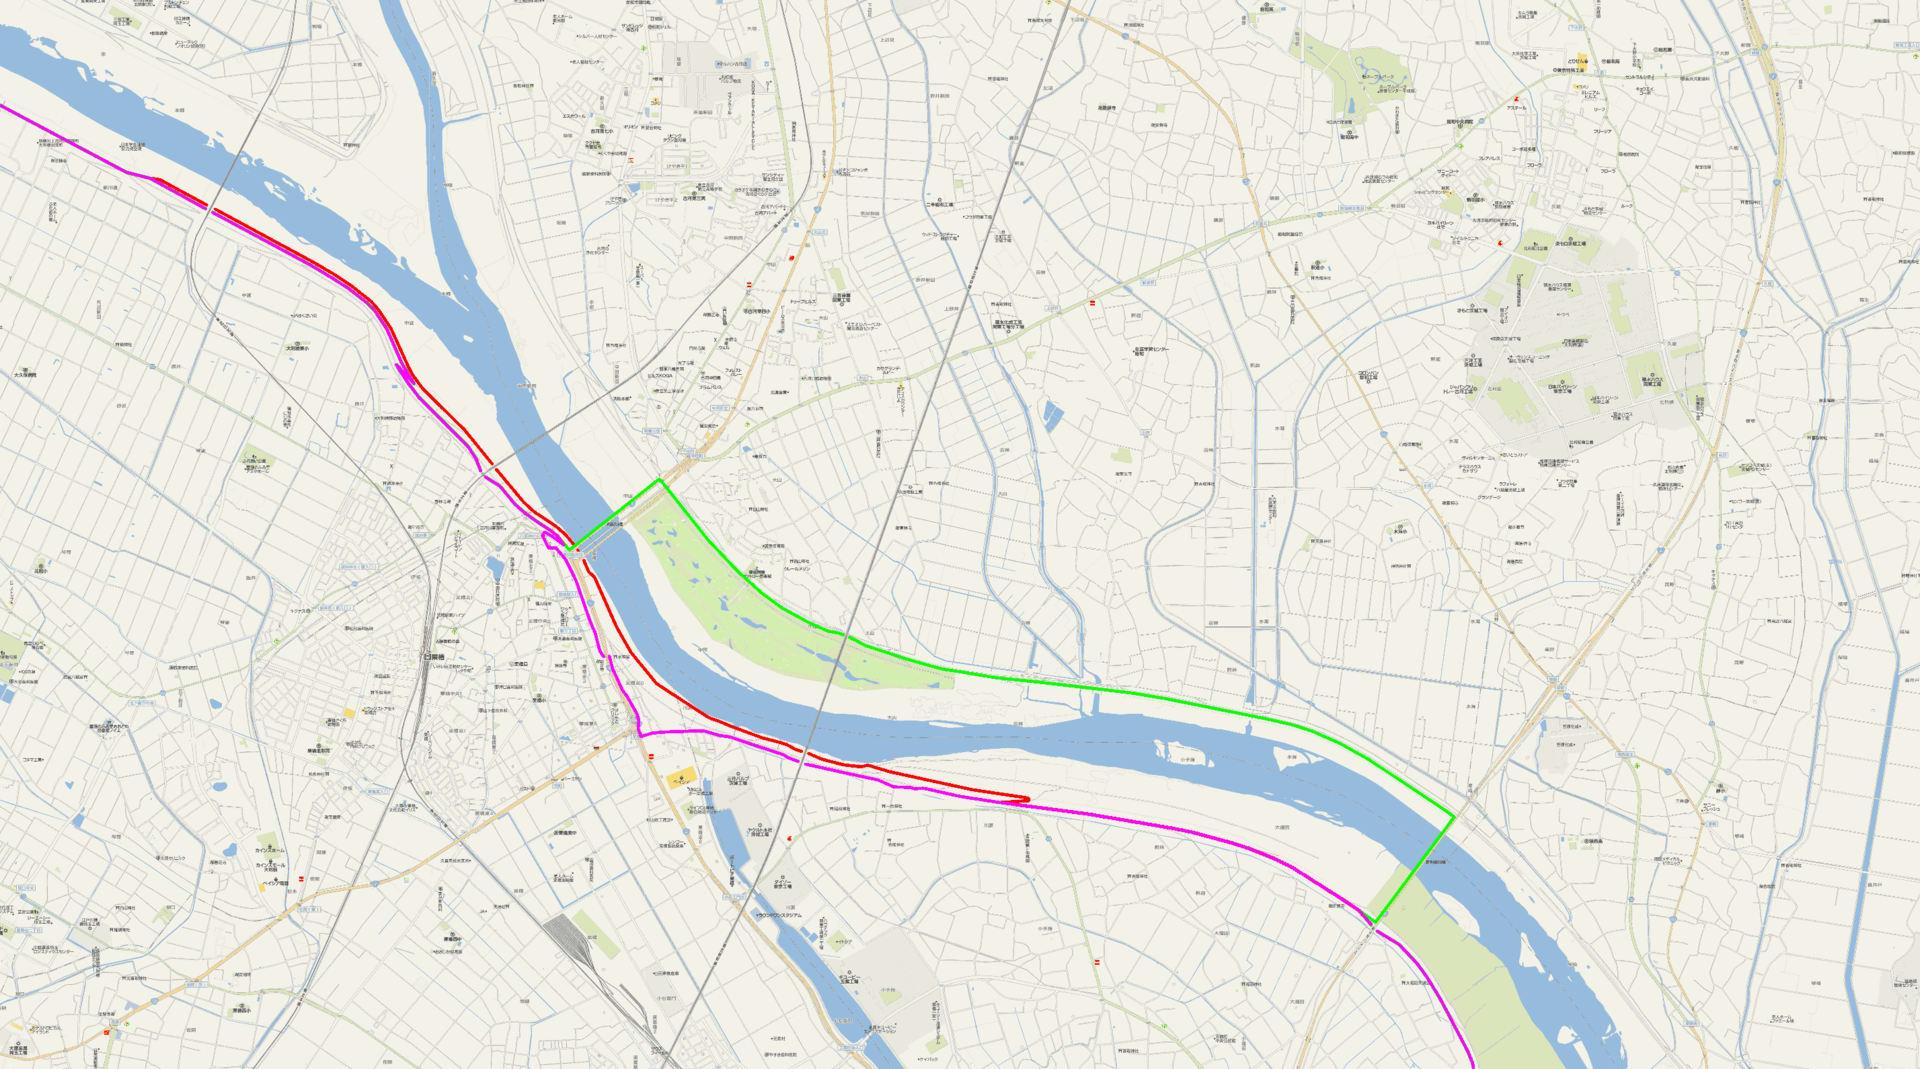 利根川サイクリングロードの栗橋周辺ルート - いのエう's blog